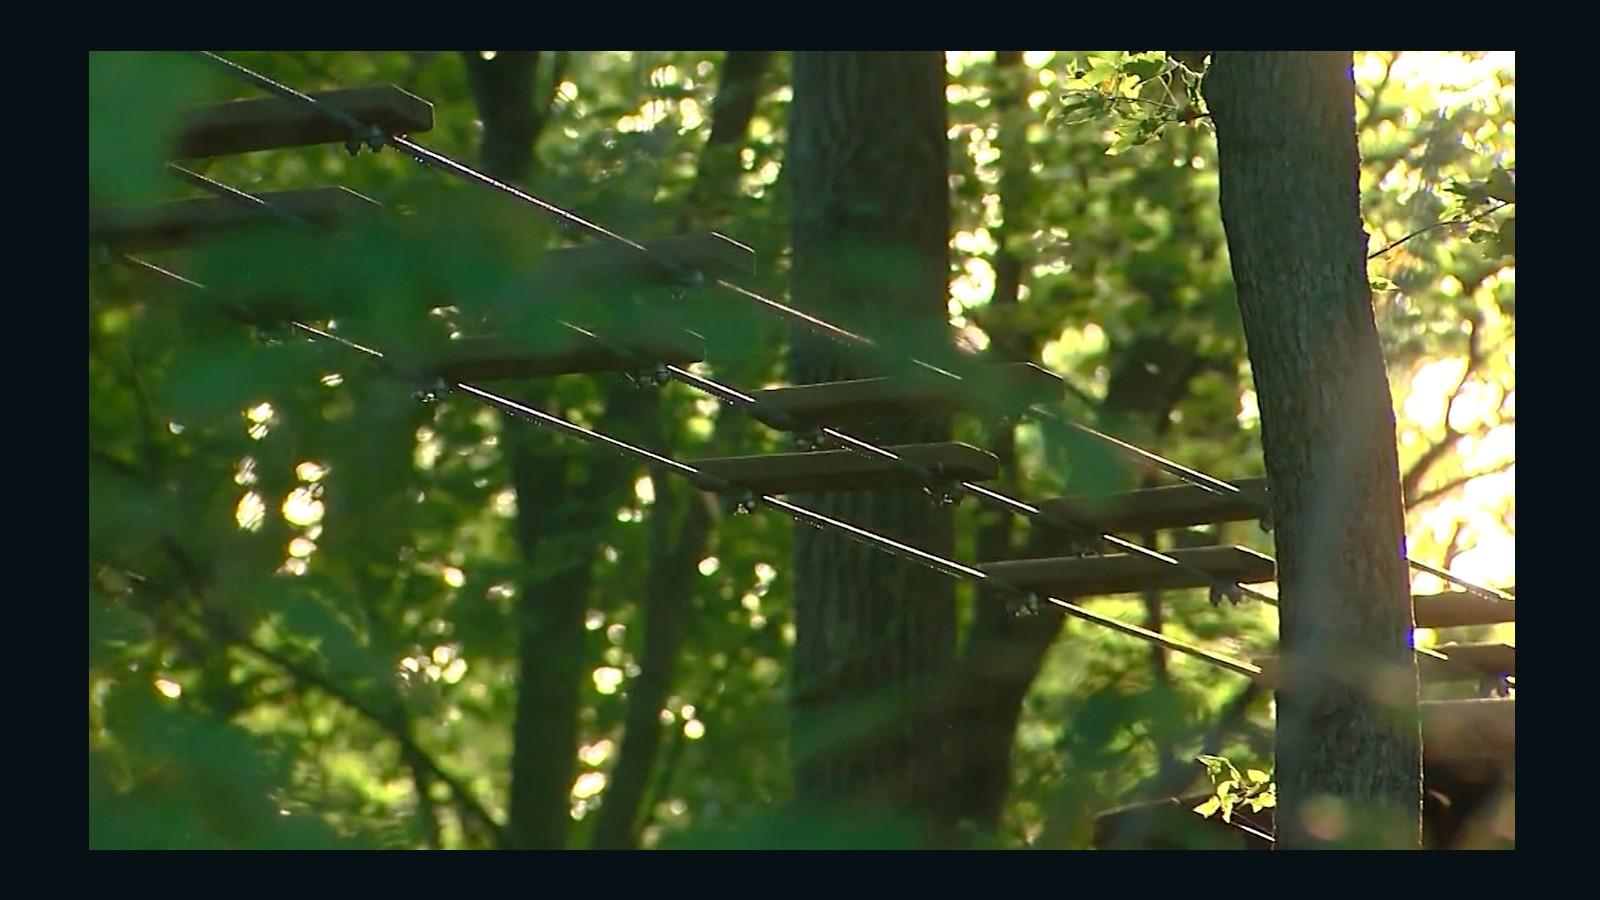 zip line fall leaves delaware woman dead cnn